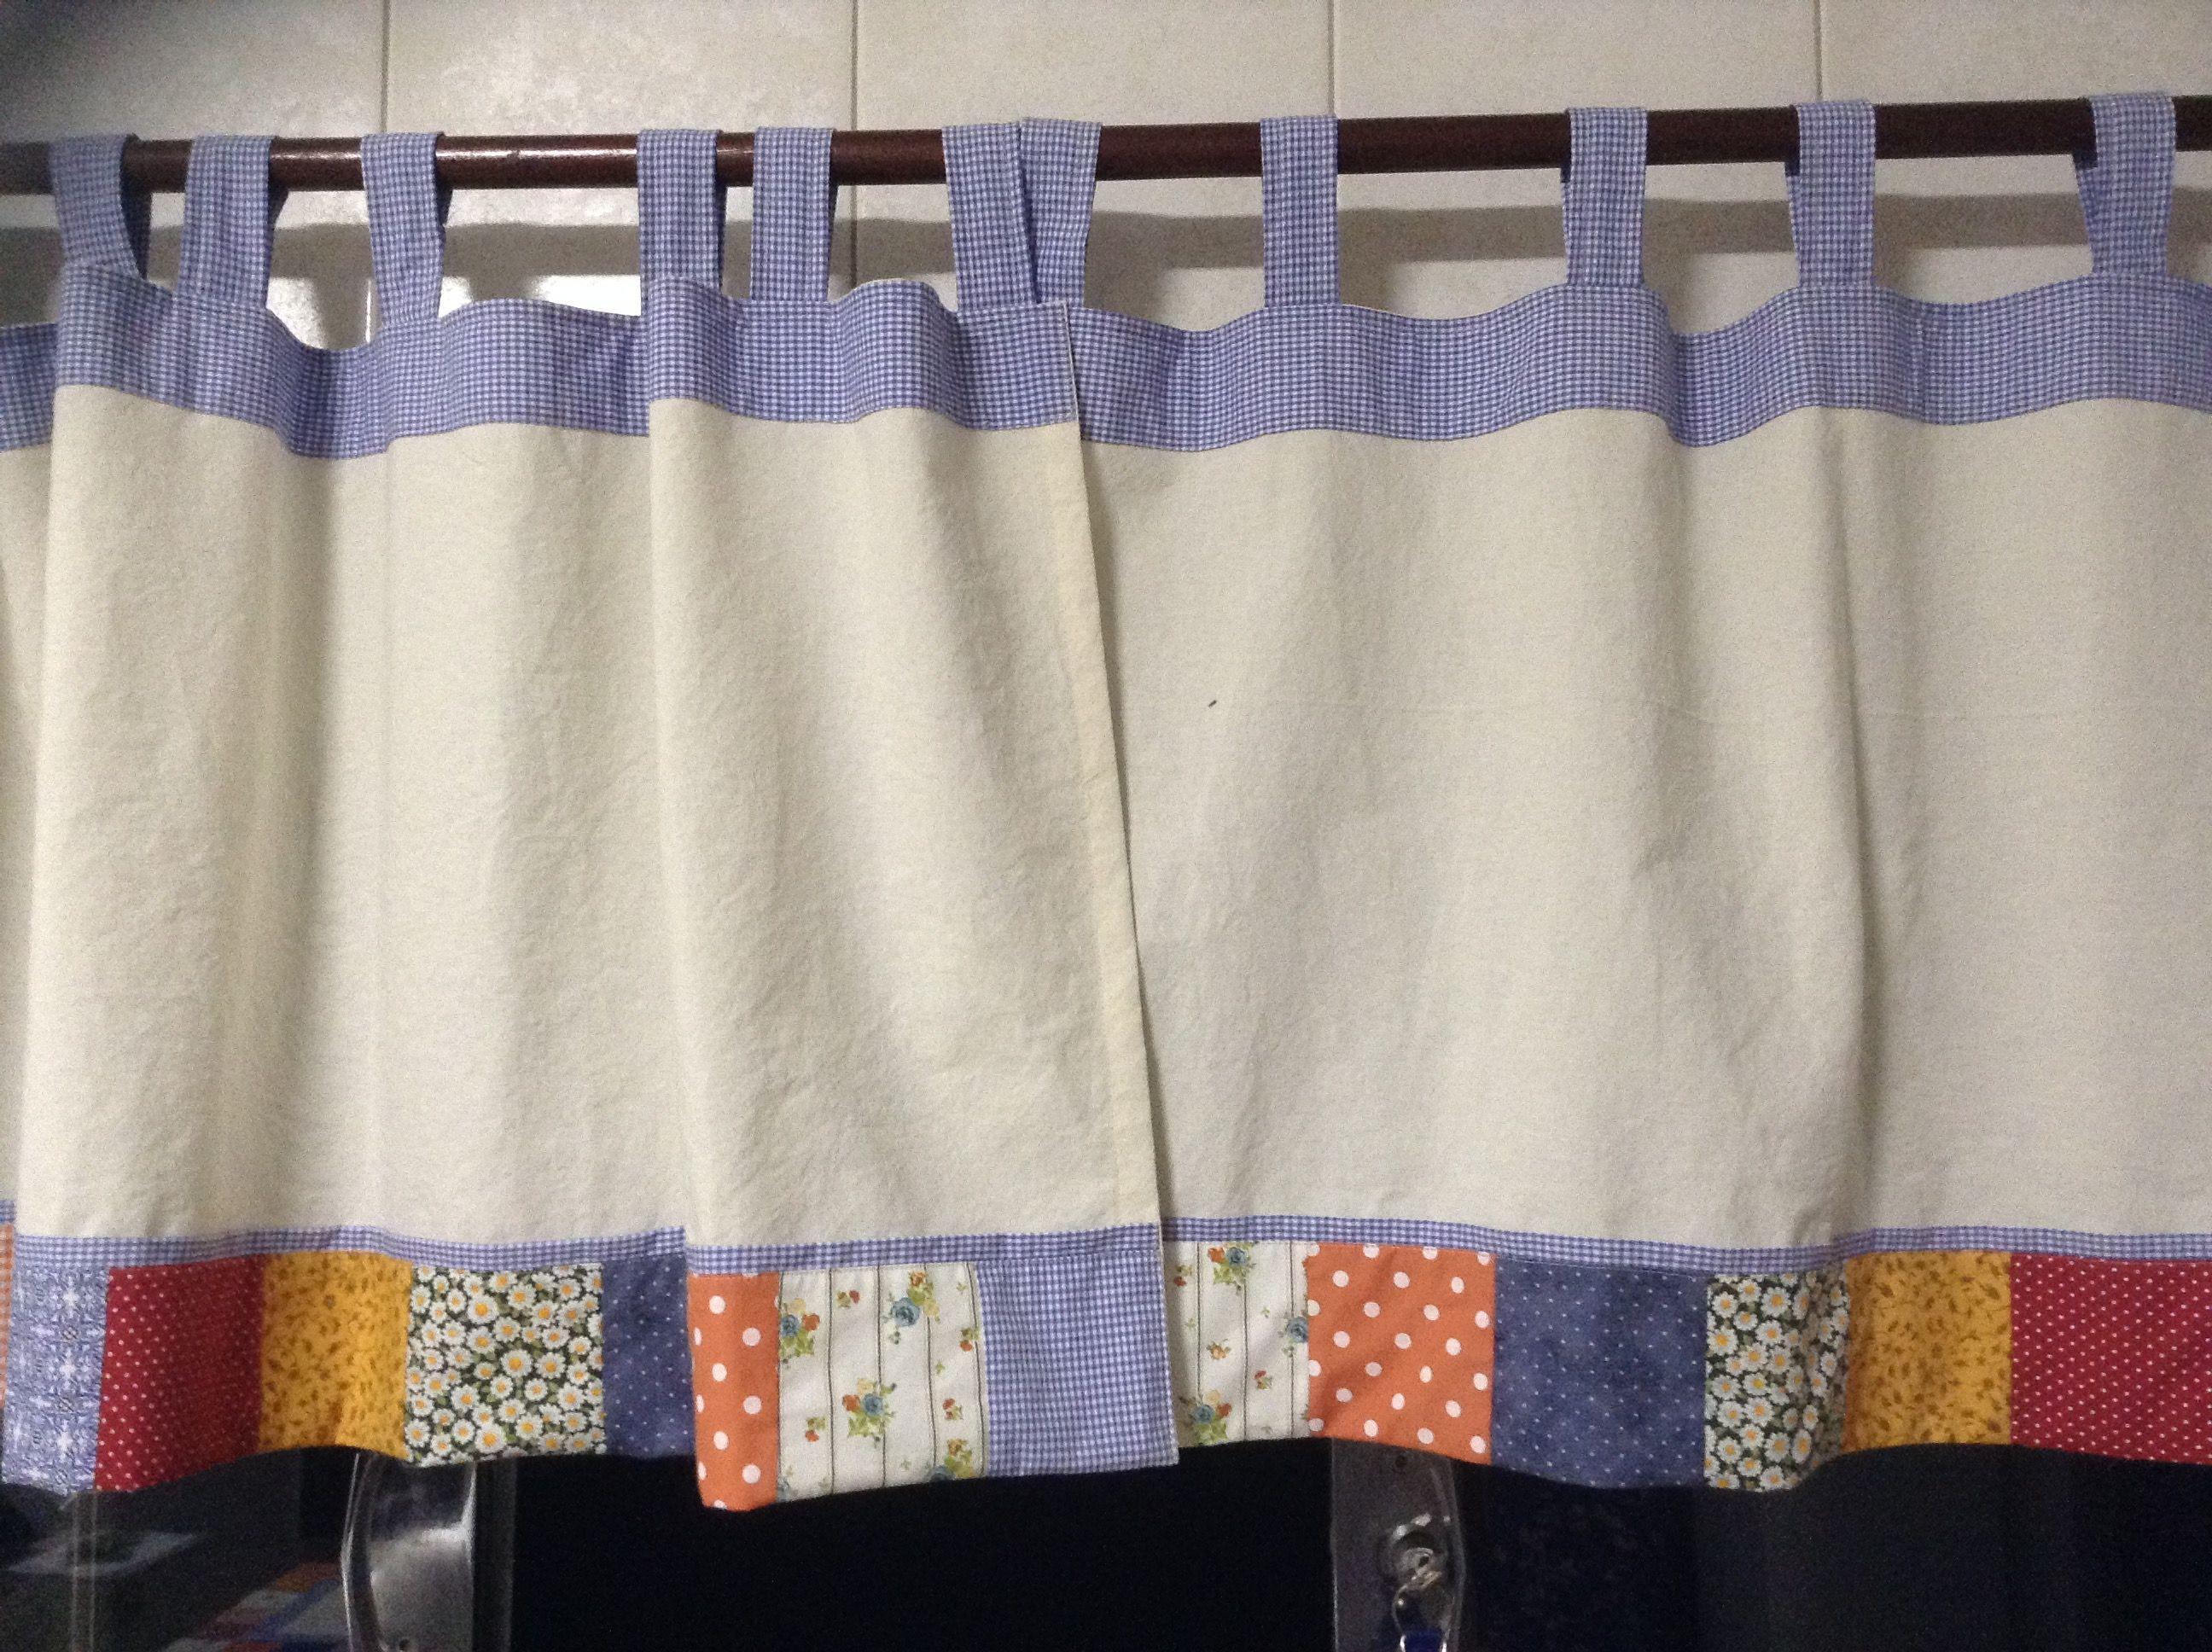 Cortina De Cozinha Em Tecido Cru Com Aplica O Em Tecidos Coloridos